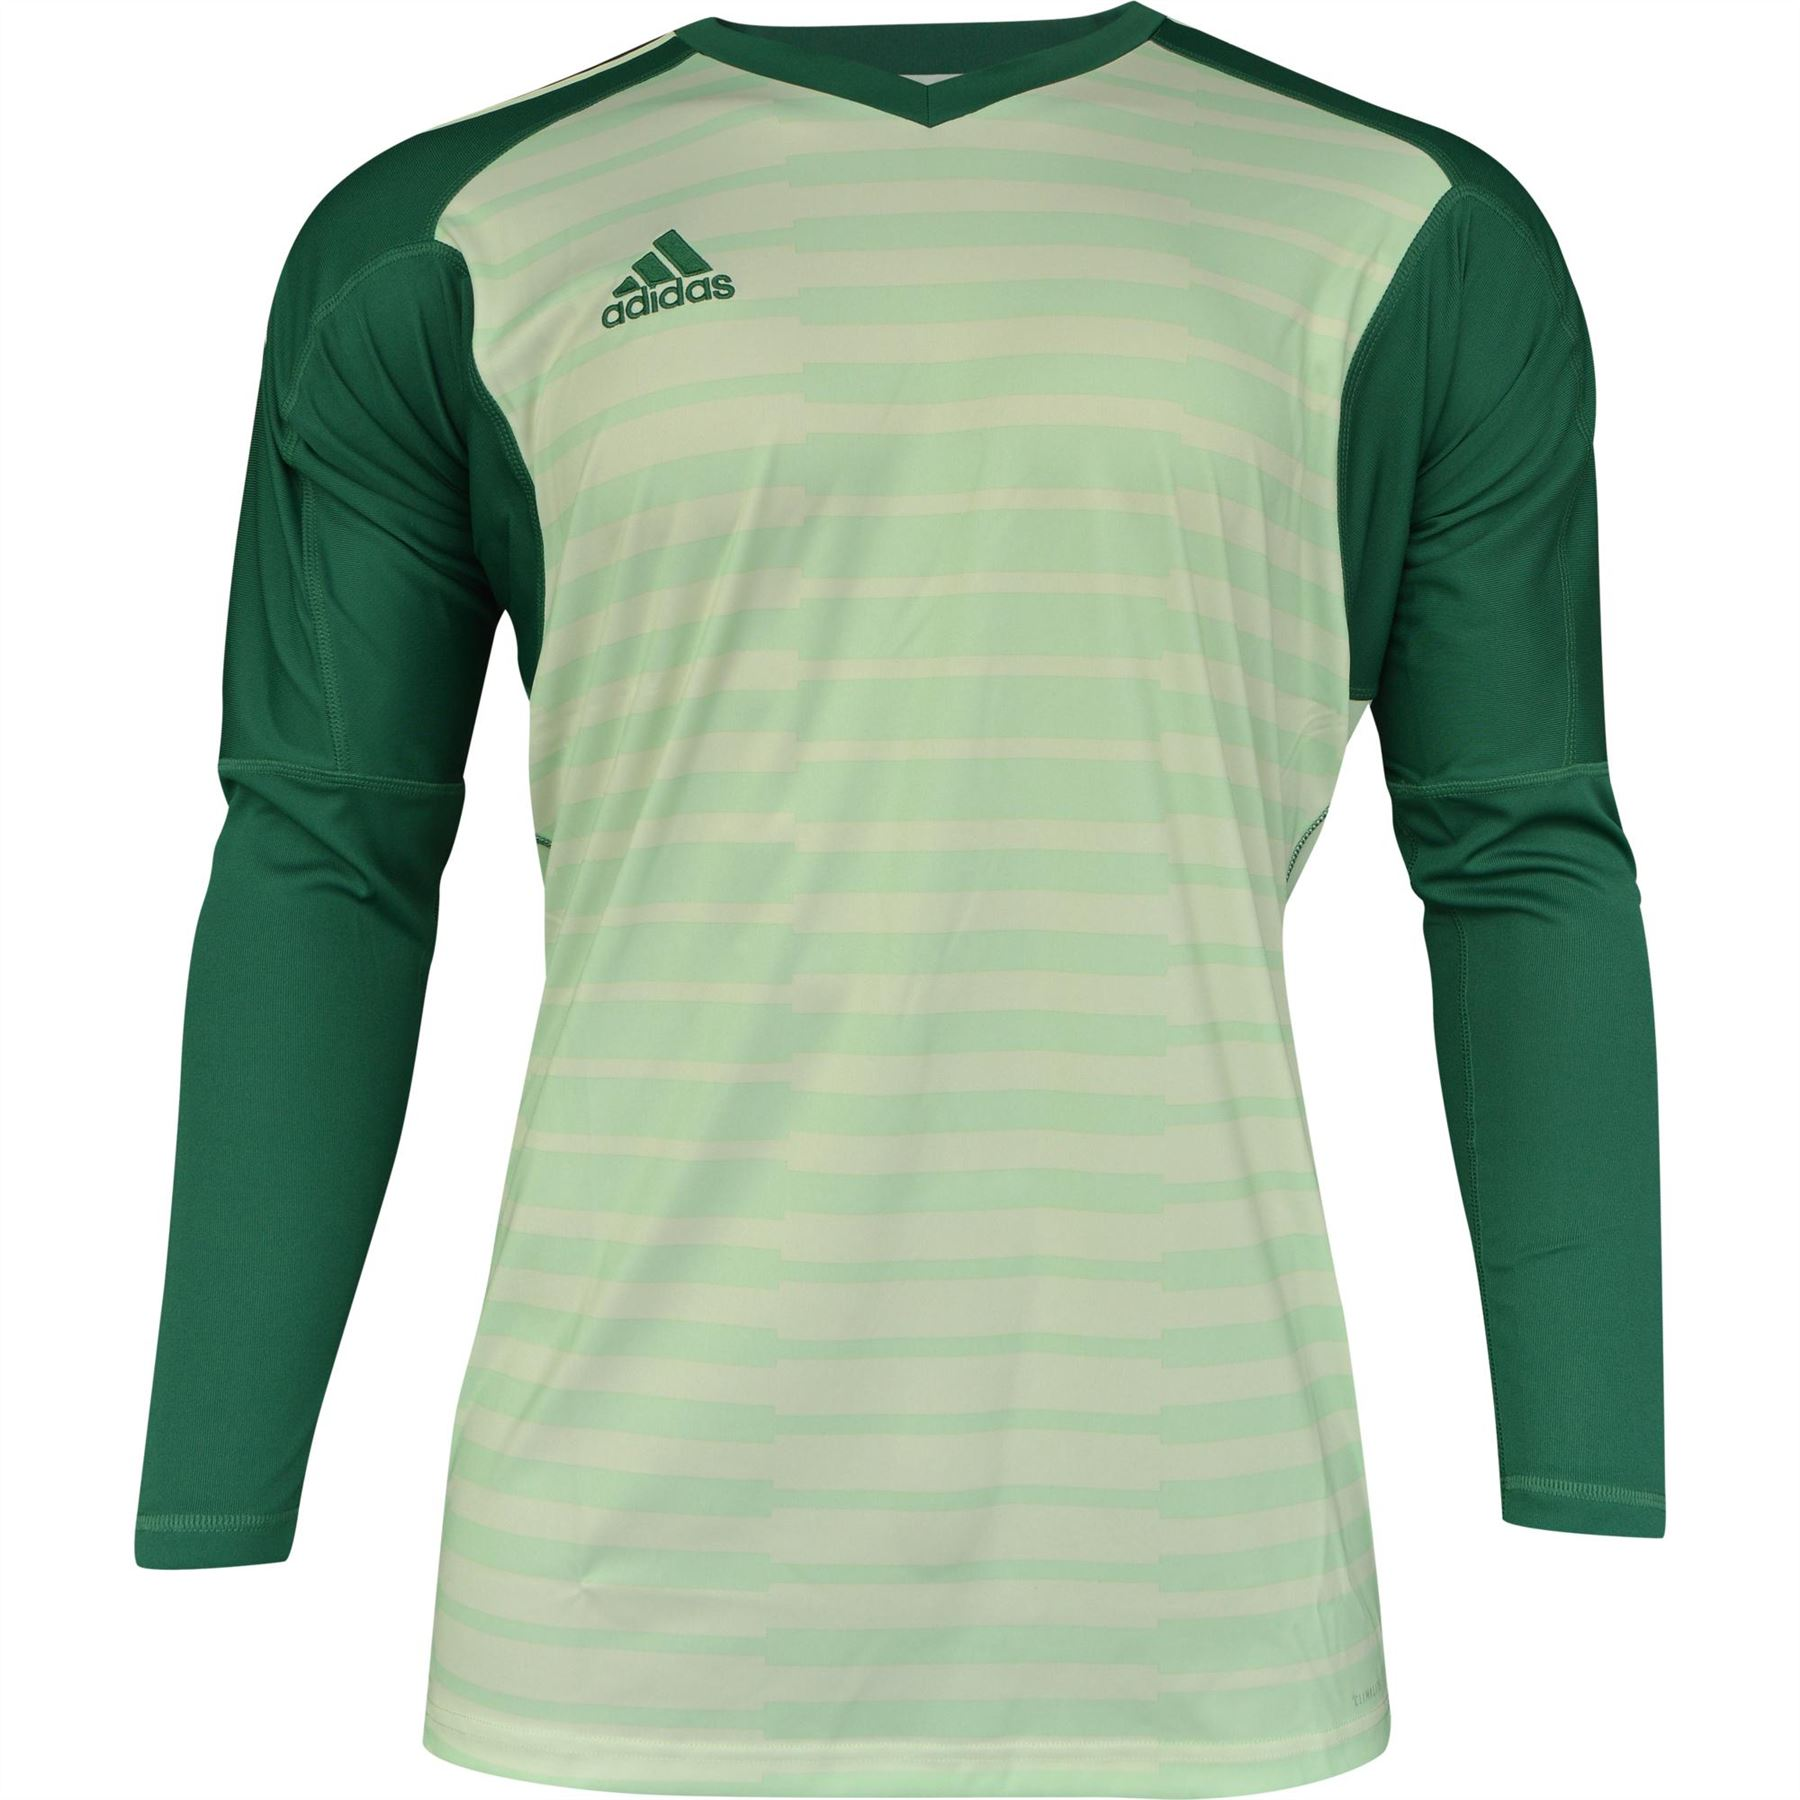 adidas adipro 18 goalkeeper jersey Shop Clothing & Shoes Online